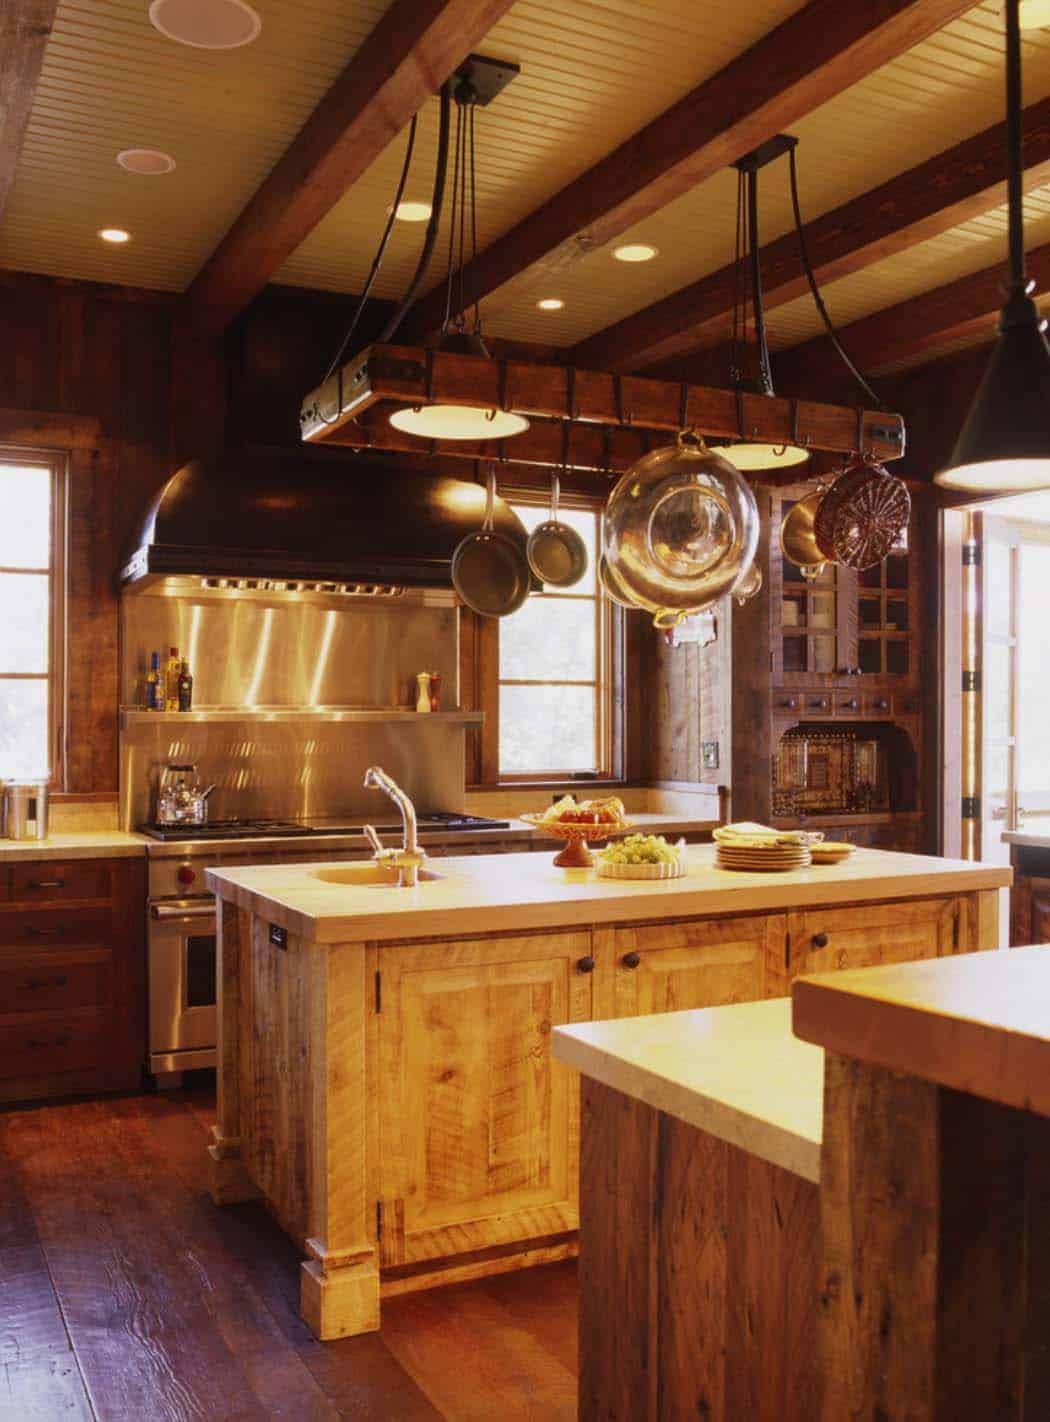 famille-ranch-rustique-cuisine